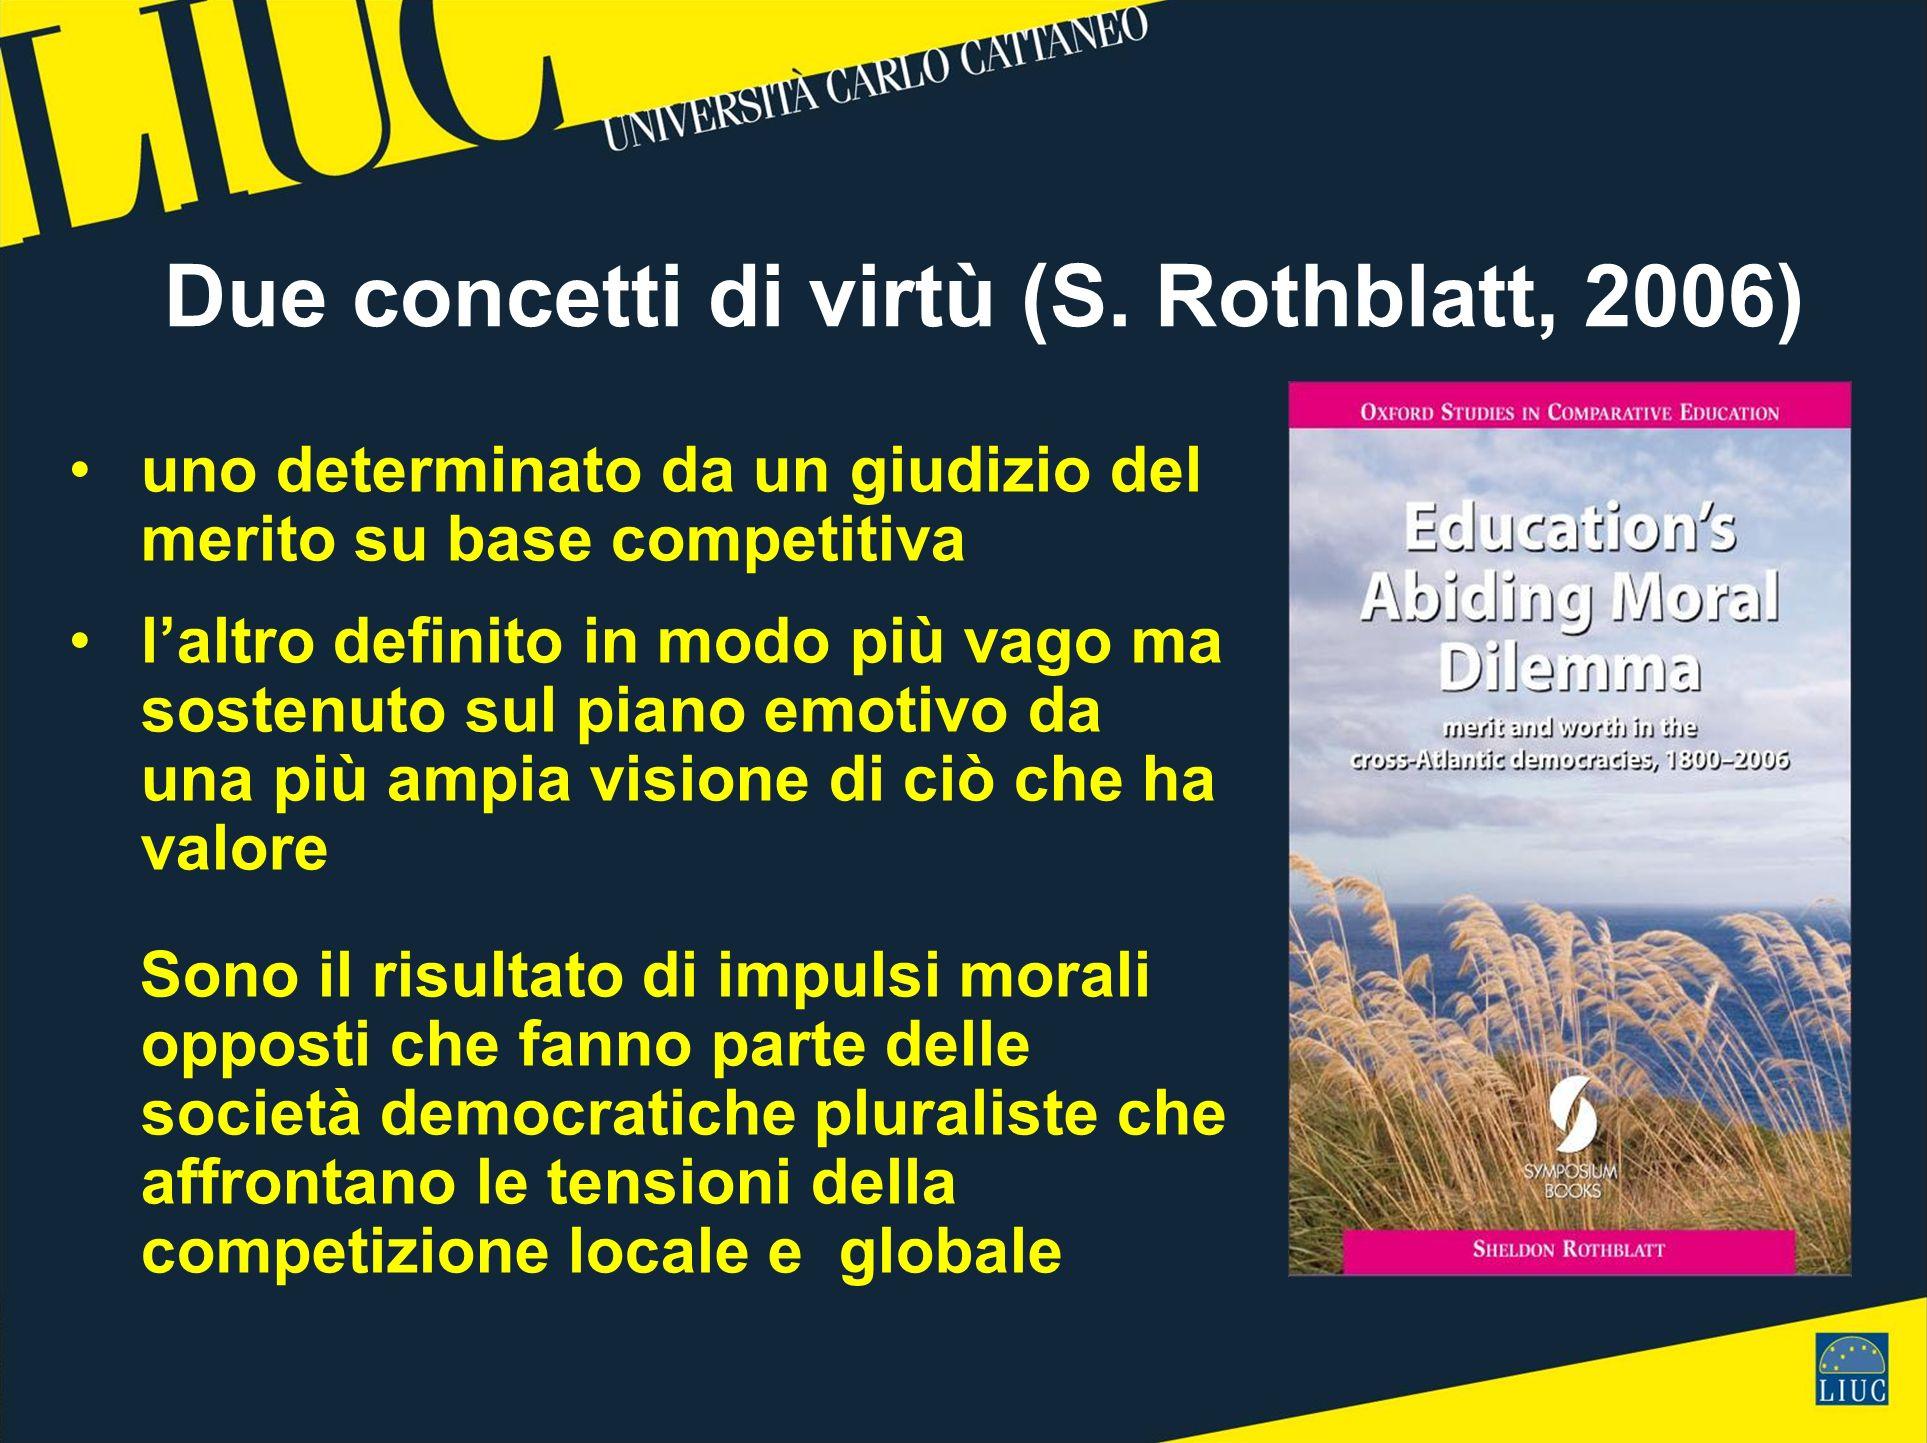 Due concetti di virtù (S. Rothblatt, 2006) uno determinato da un giudizio del merito su base competitiva laltro definito in modo più vago ma sostenuto